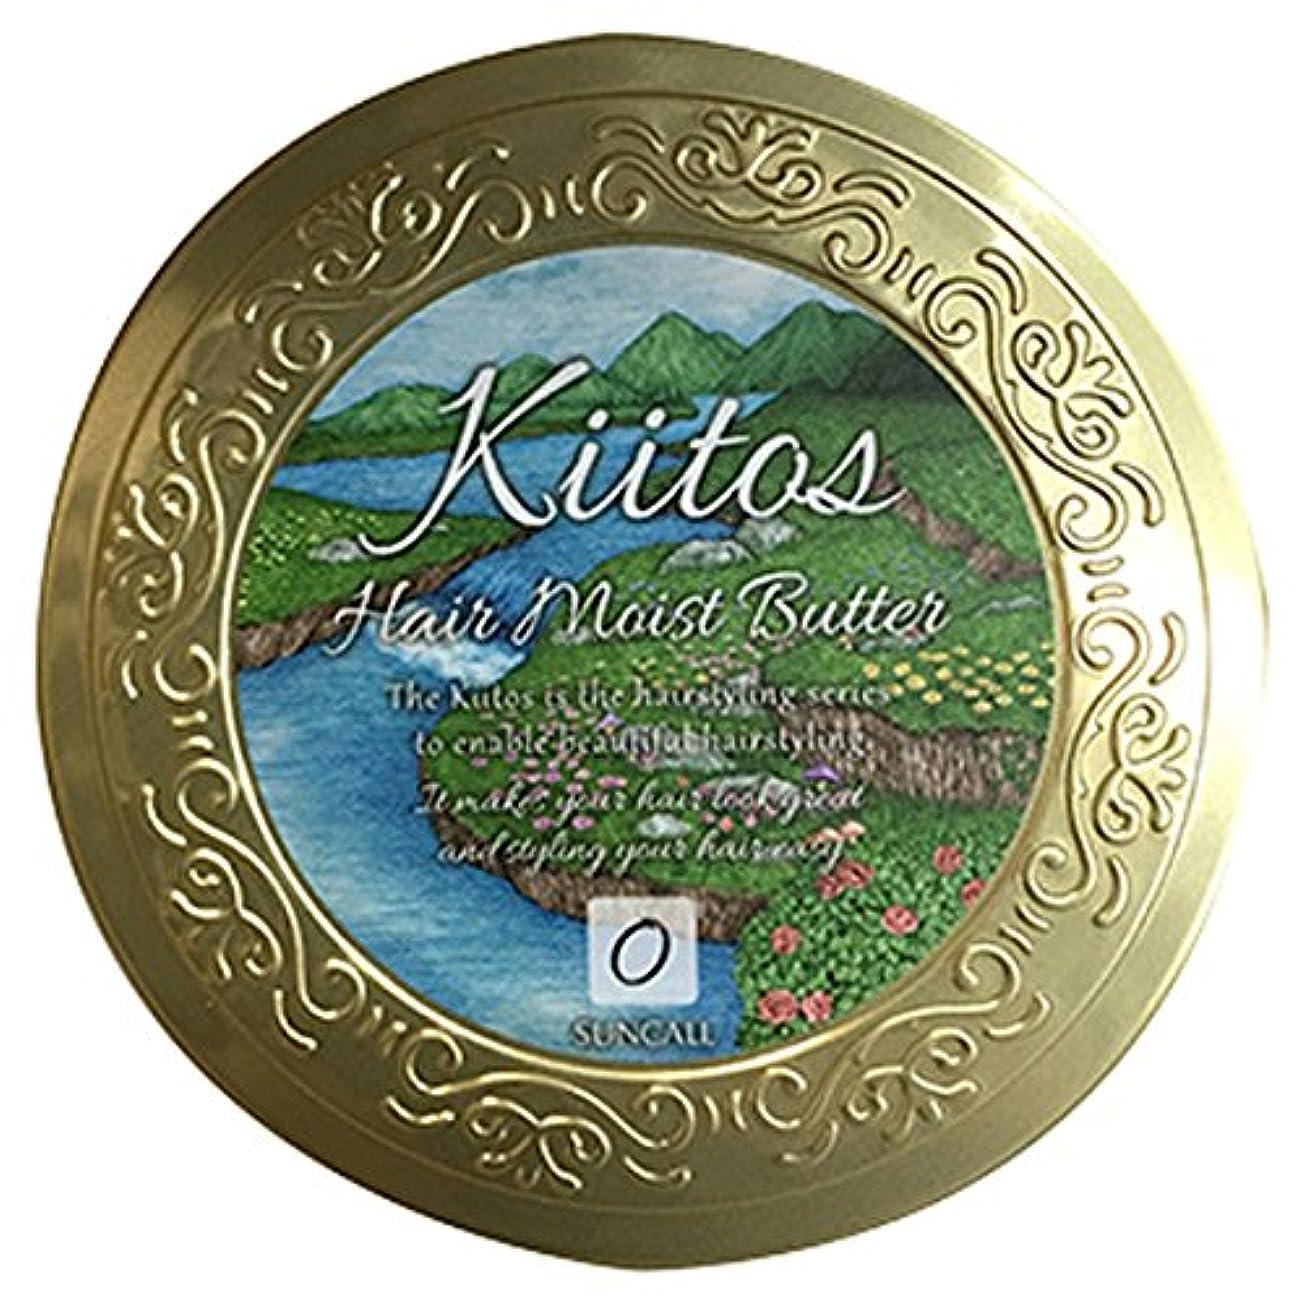 グリット冷蔵庫神社SUNCALL (サンコール) キートス ヘアモイストバター 85g